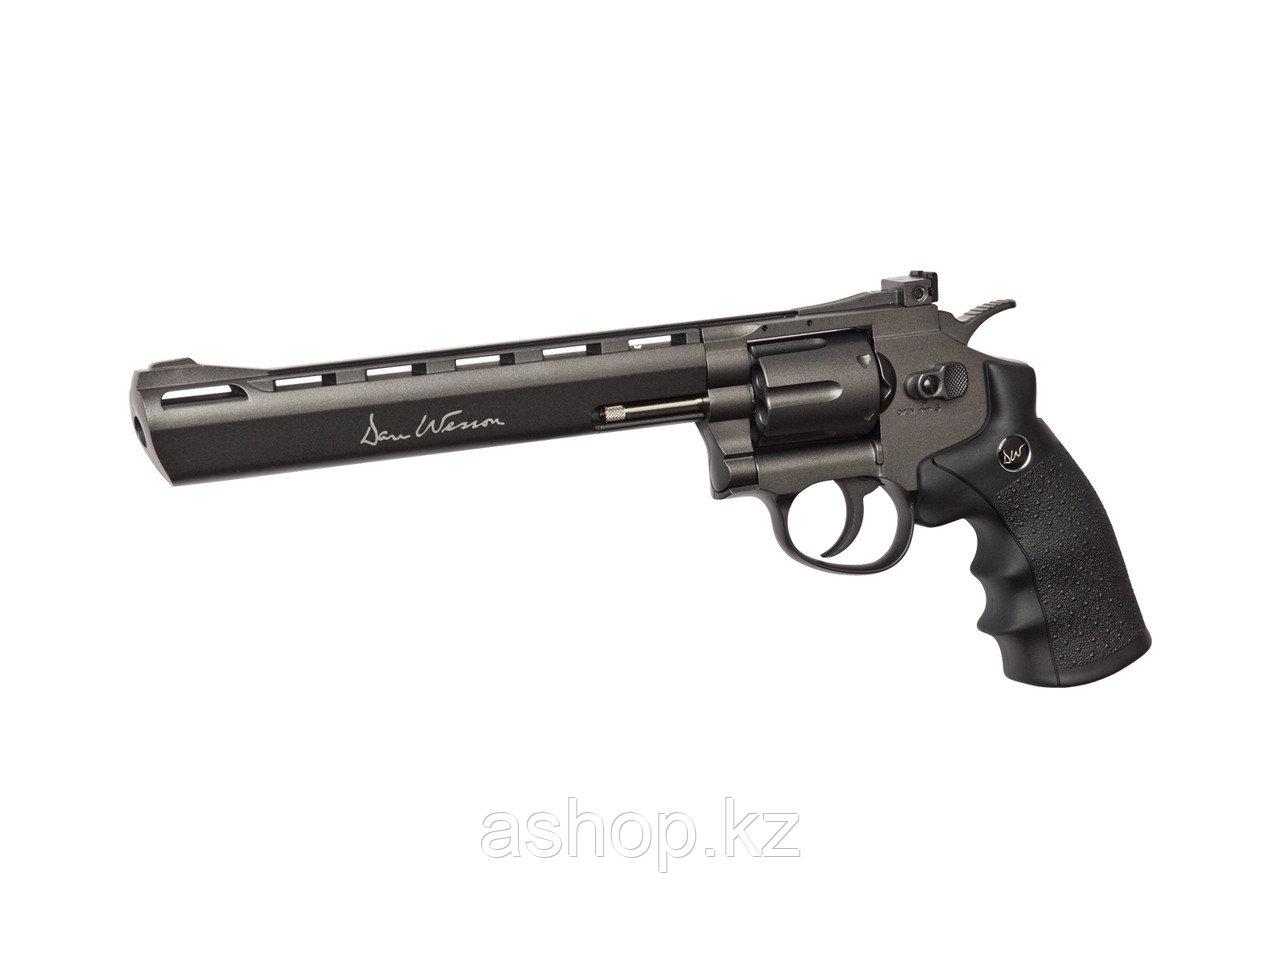 """Револьвер пневматический ASG Dan Wesson 8"""", Калибр: 4,5 мм (.177, BB), Дульная энергия: 3,0 Дж, Ёмкость магази"""